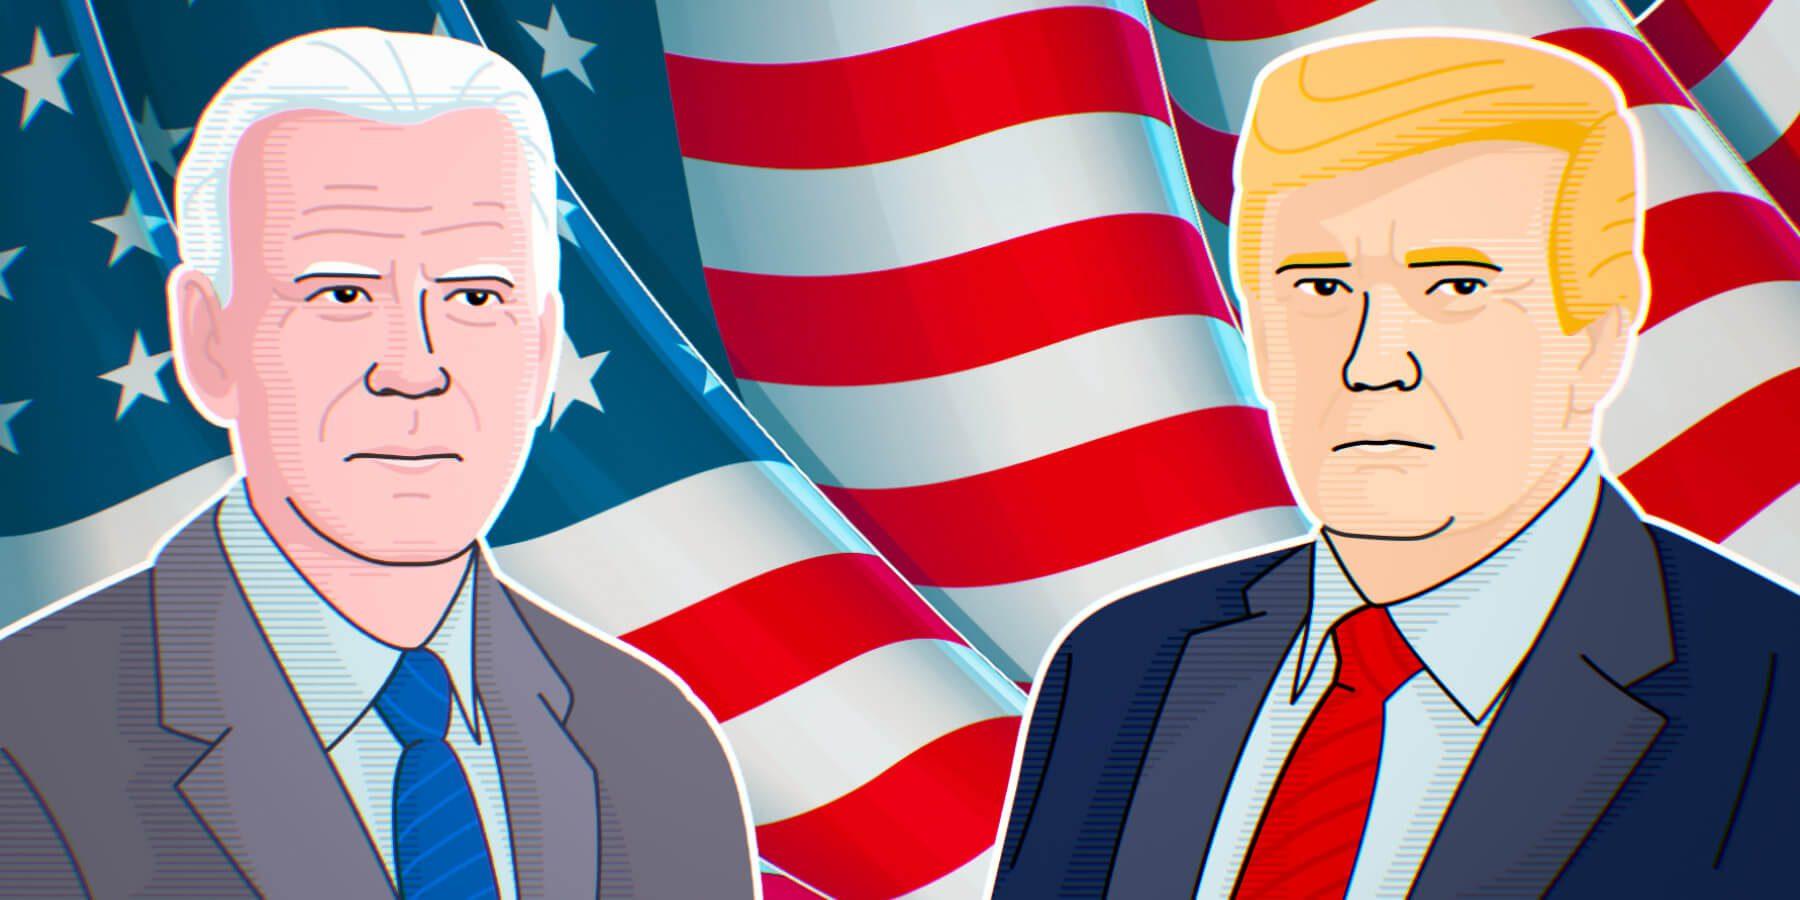 Các cuộc bầu cử Hoa Kỳ có thể ảnh hưởng đến thị trường như thế nào?